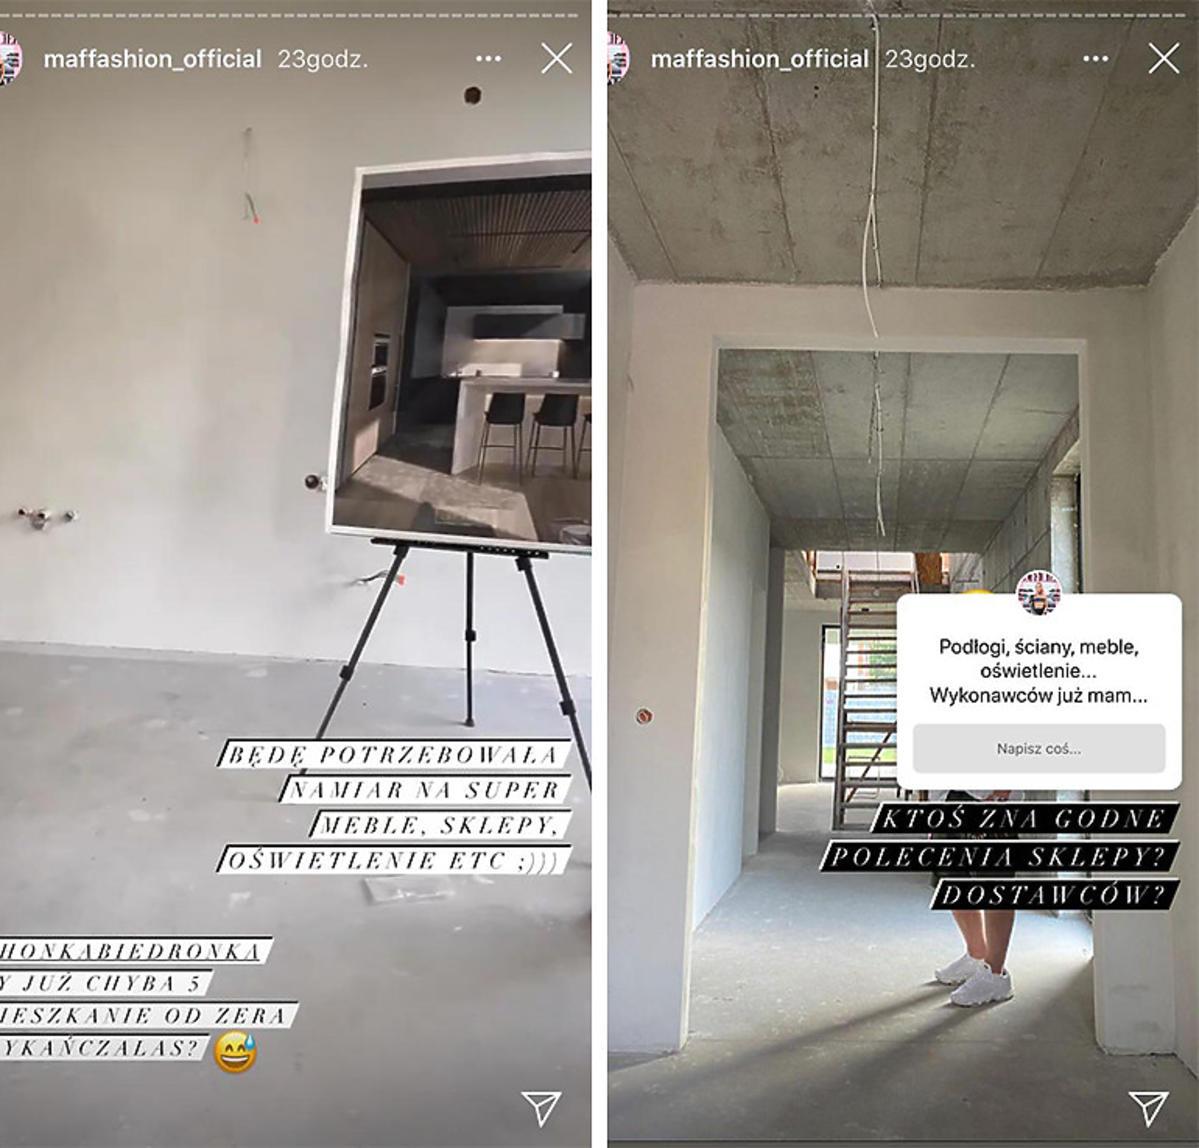 Maffashion i Sebastian Fabijański kupili nowy dom